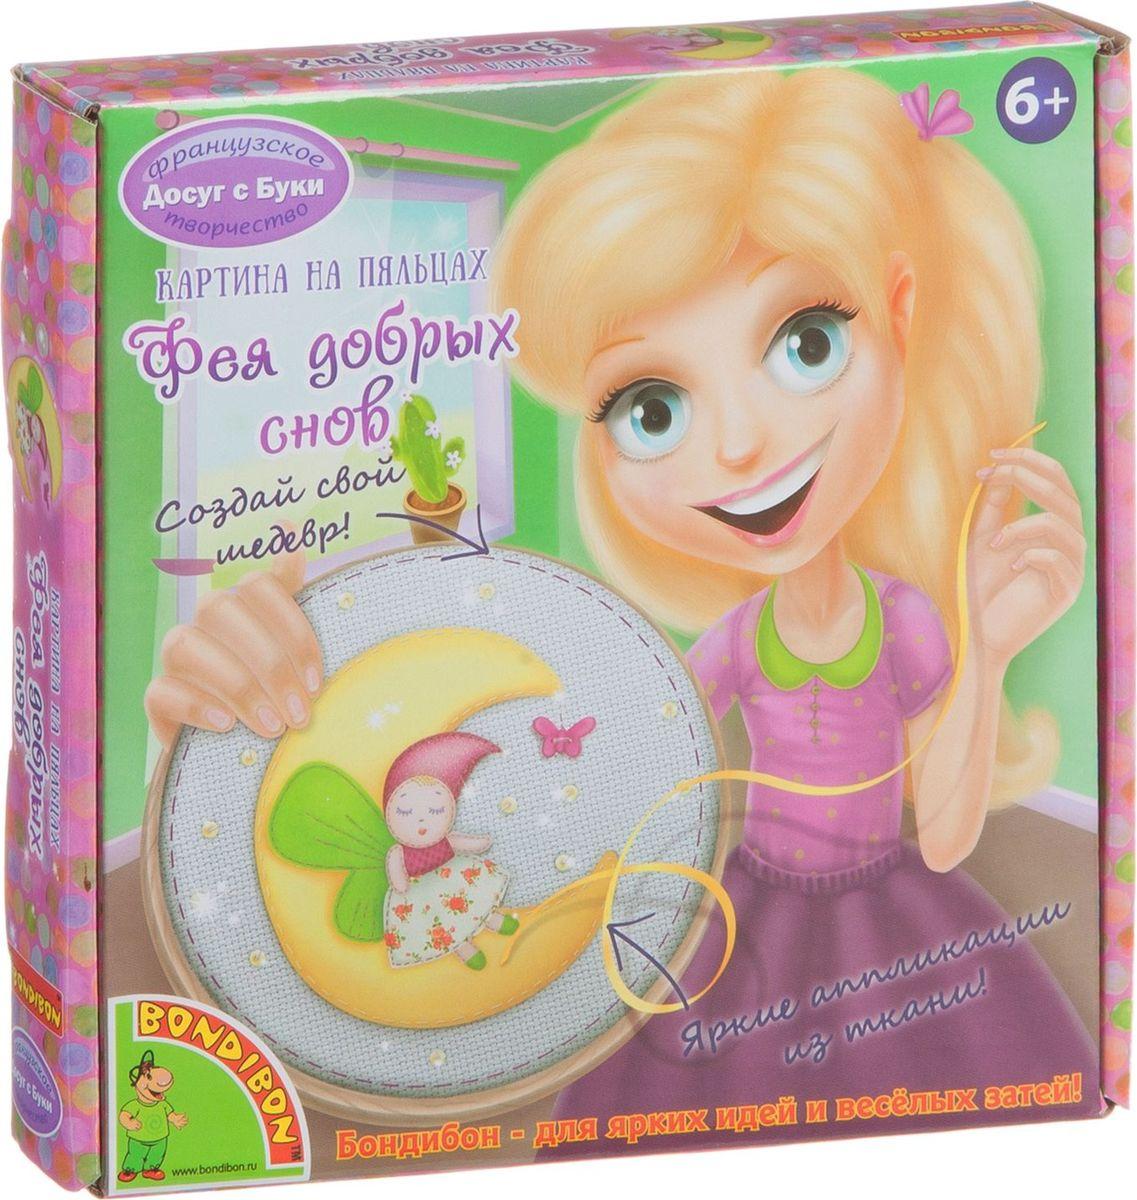 Bondibon Набор для вышивания картины на пяльцах Фея добрых снов